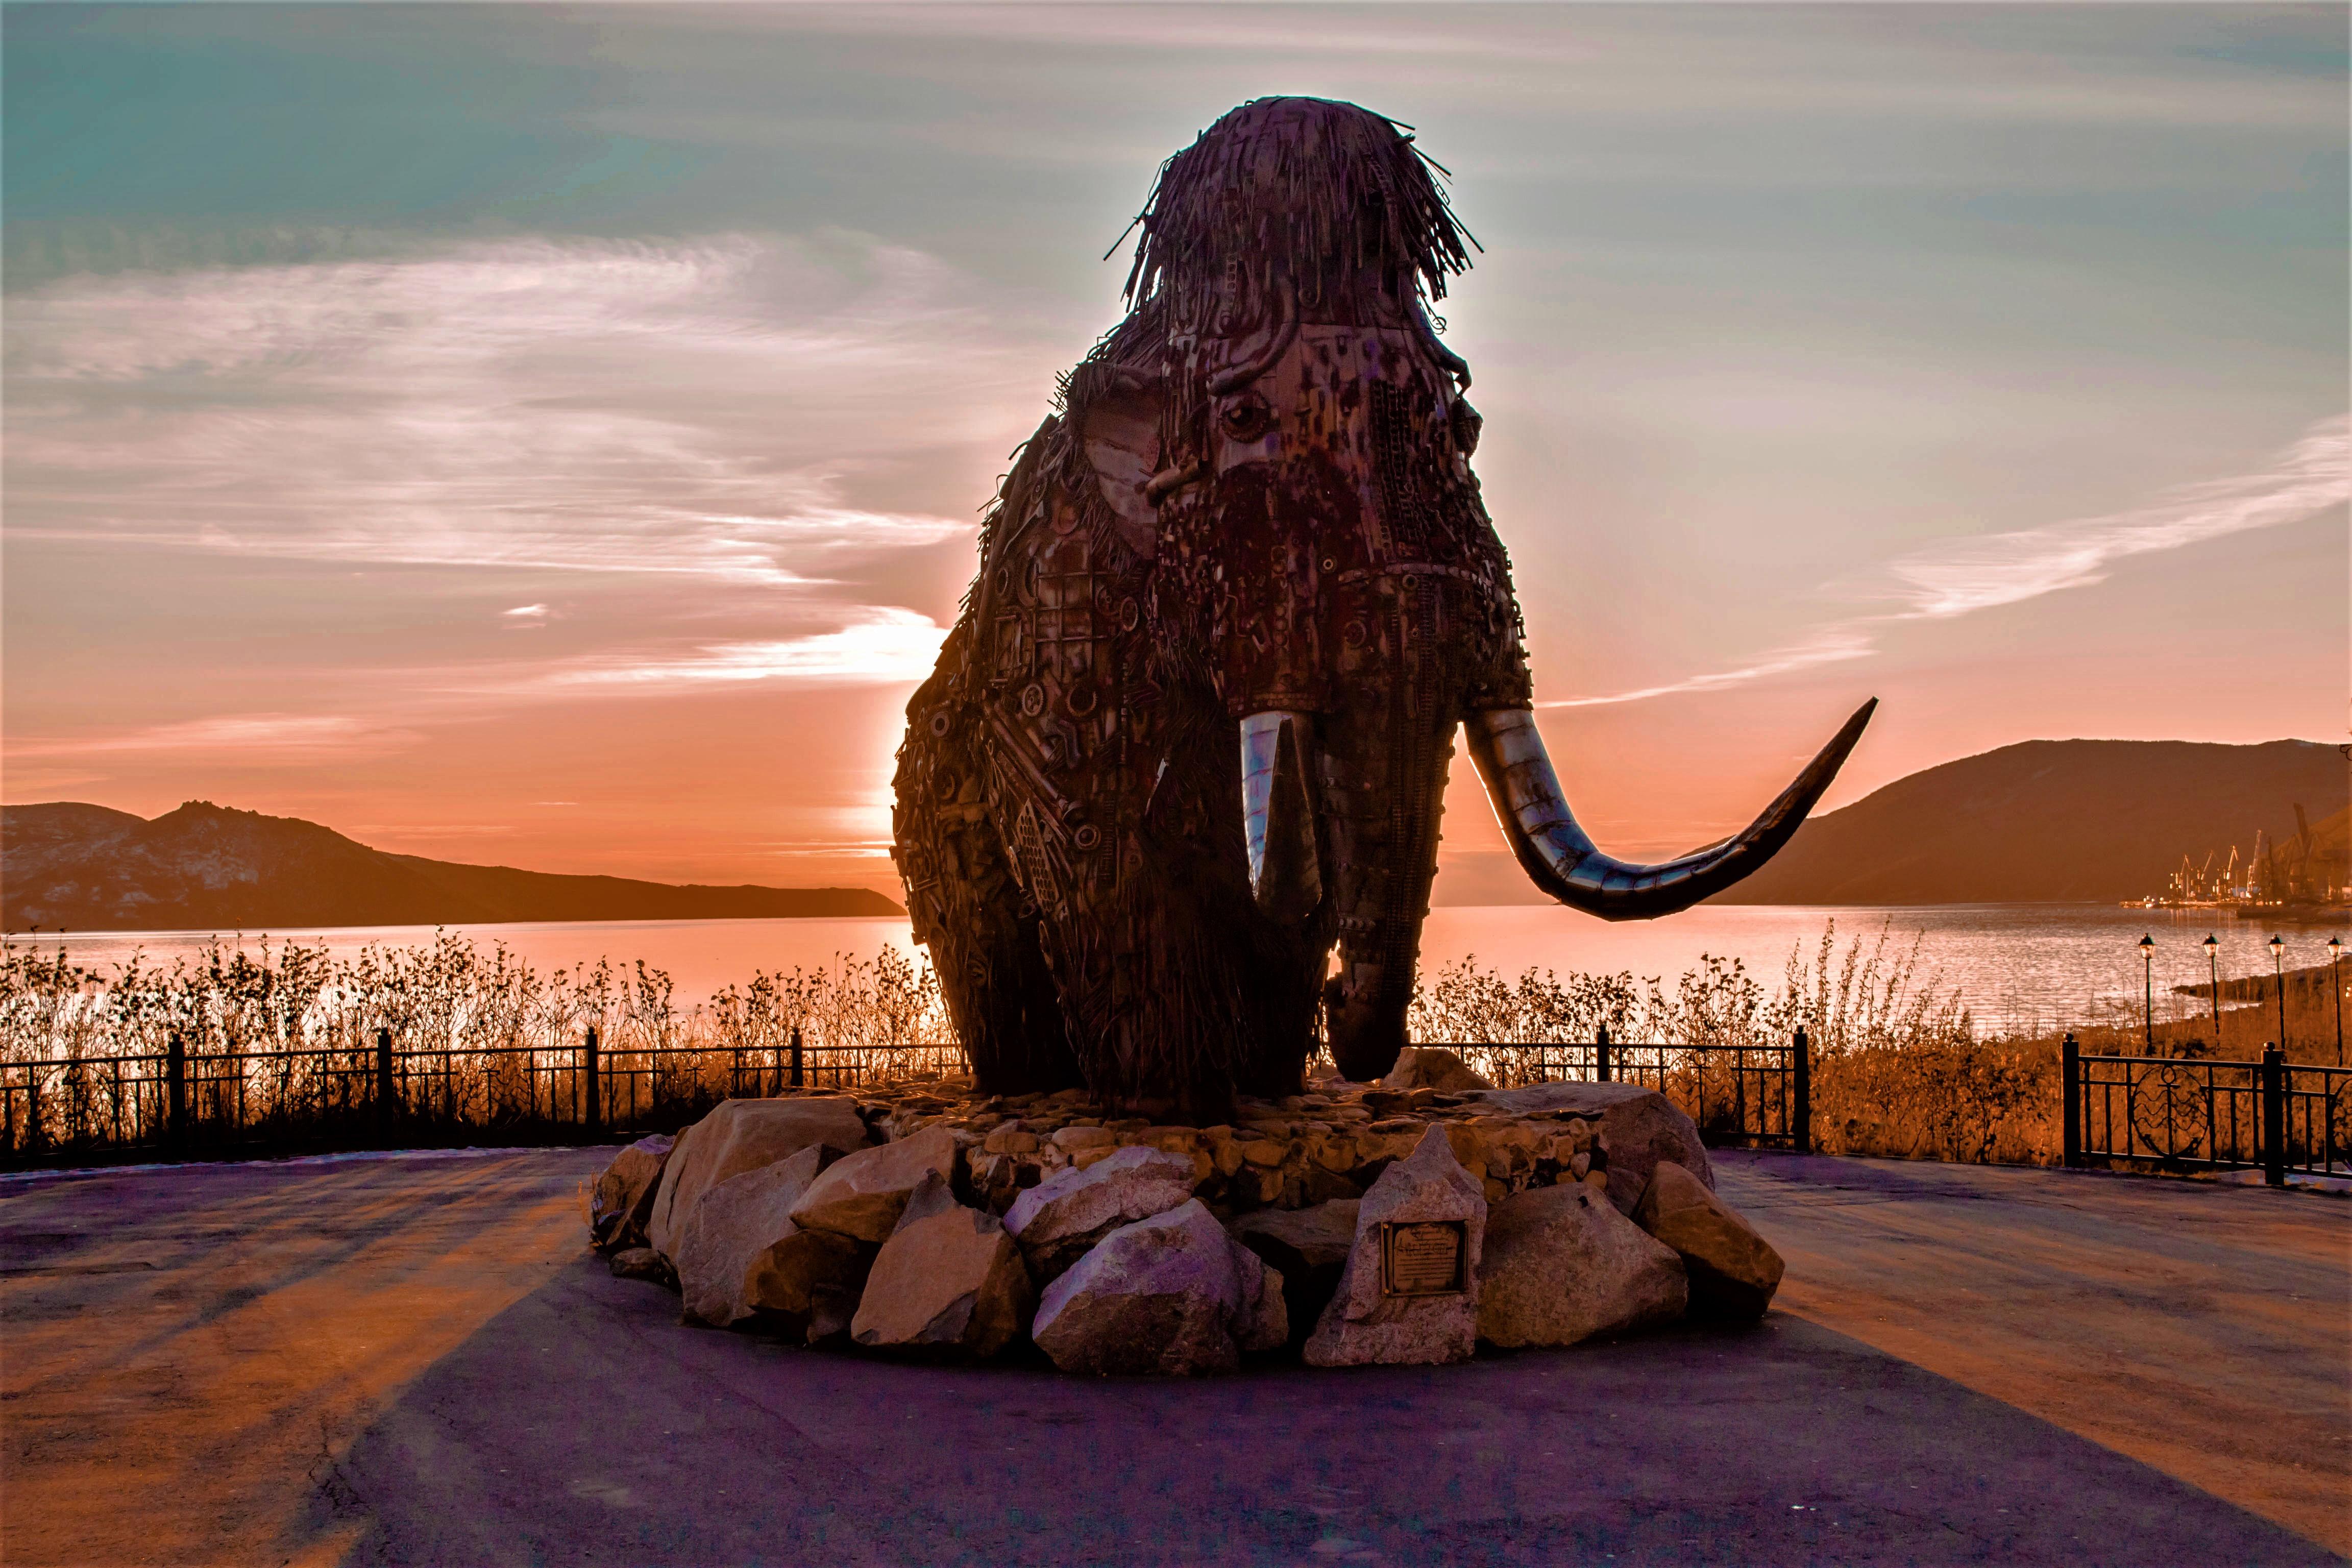 Памятник всем мамонтам обнаруженным в Магаданской земле. Данный памятник находится в городе Магадан.